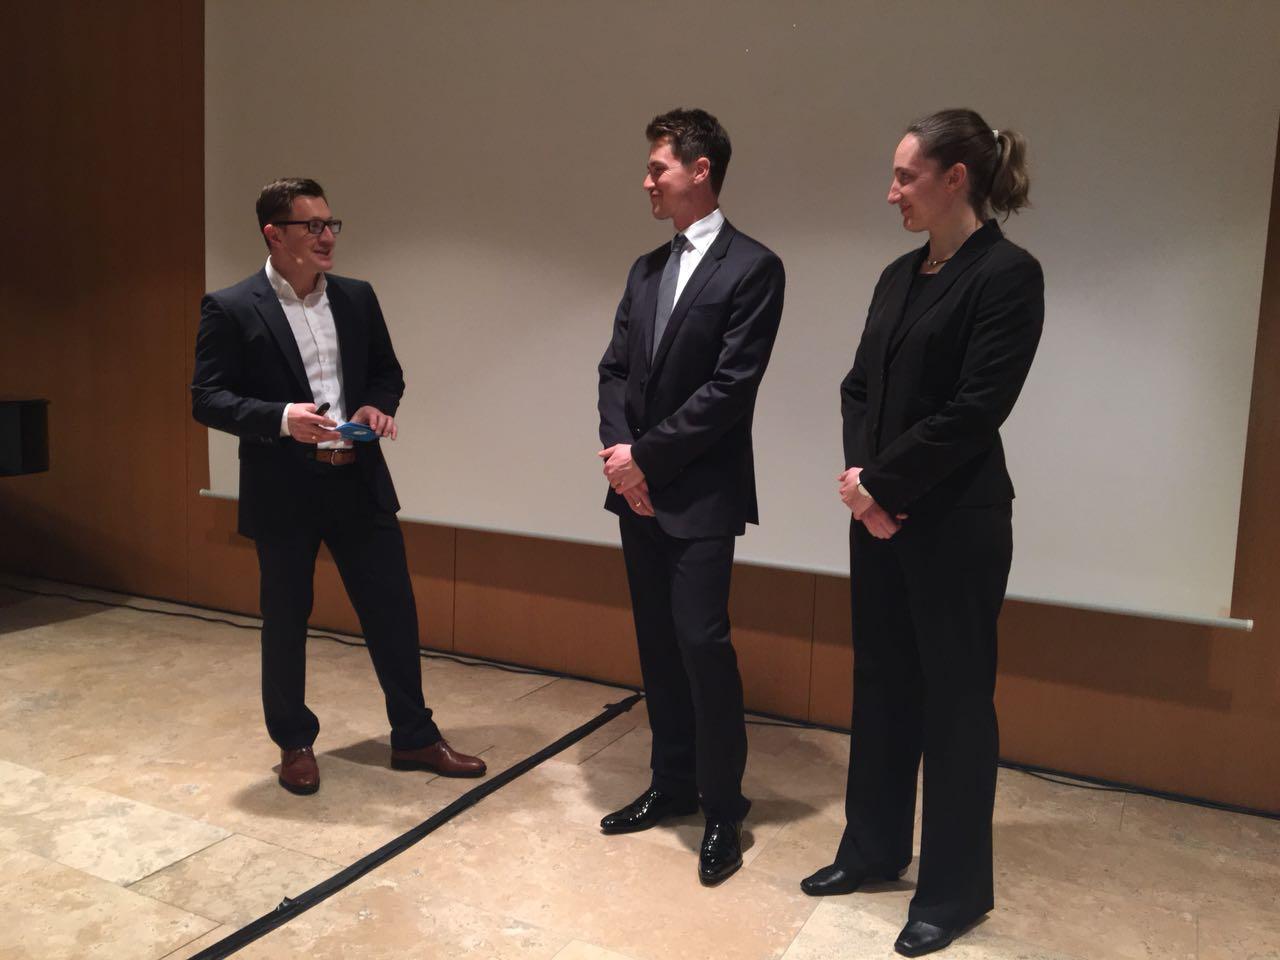 Loyale Partnerschaften: Die BSC berät u.a. auch Profisportler. An diesem Abend waren mit Johannes Ludwig und Tatjana Hüfner zwei Olympiasieger im Rennrodeln als Gäste geladen.